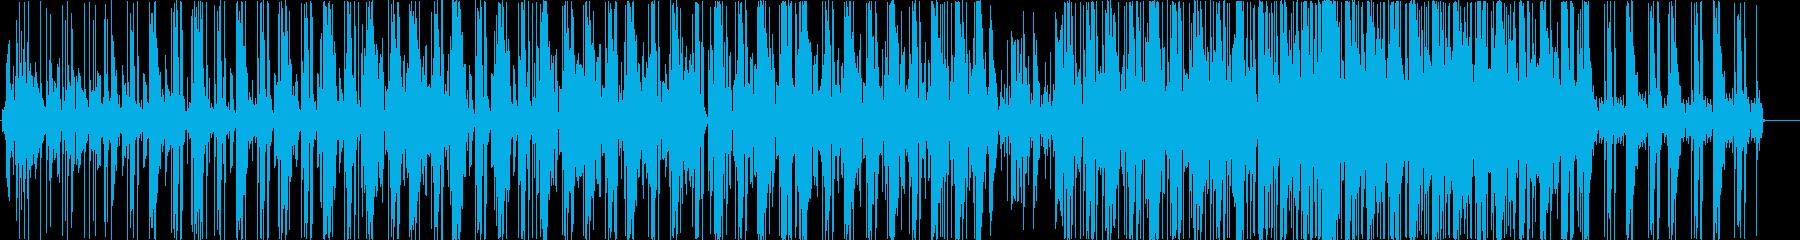 浮遊感漂う16ハーフタイムの再生済みの波形